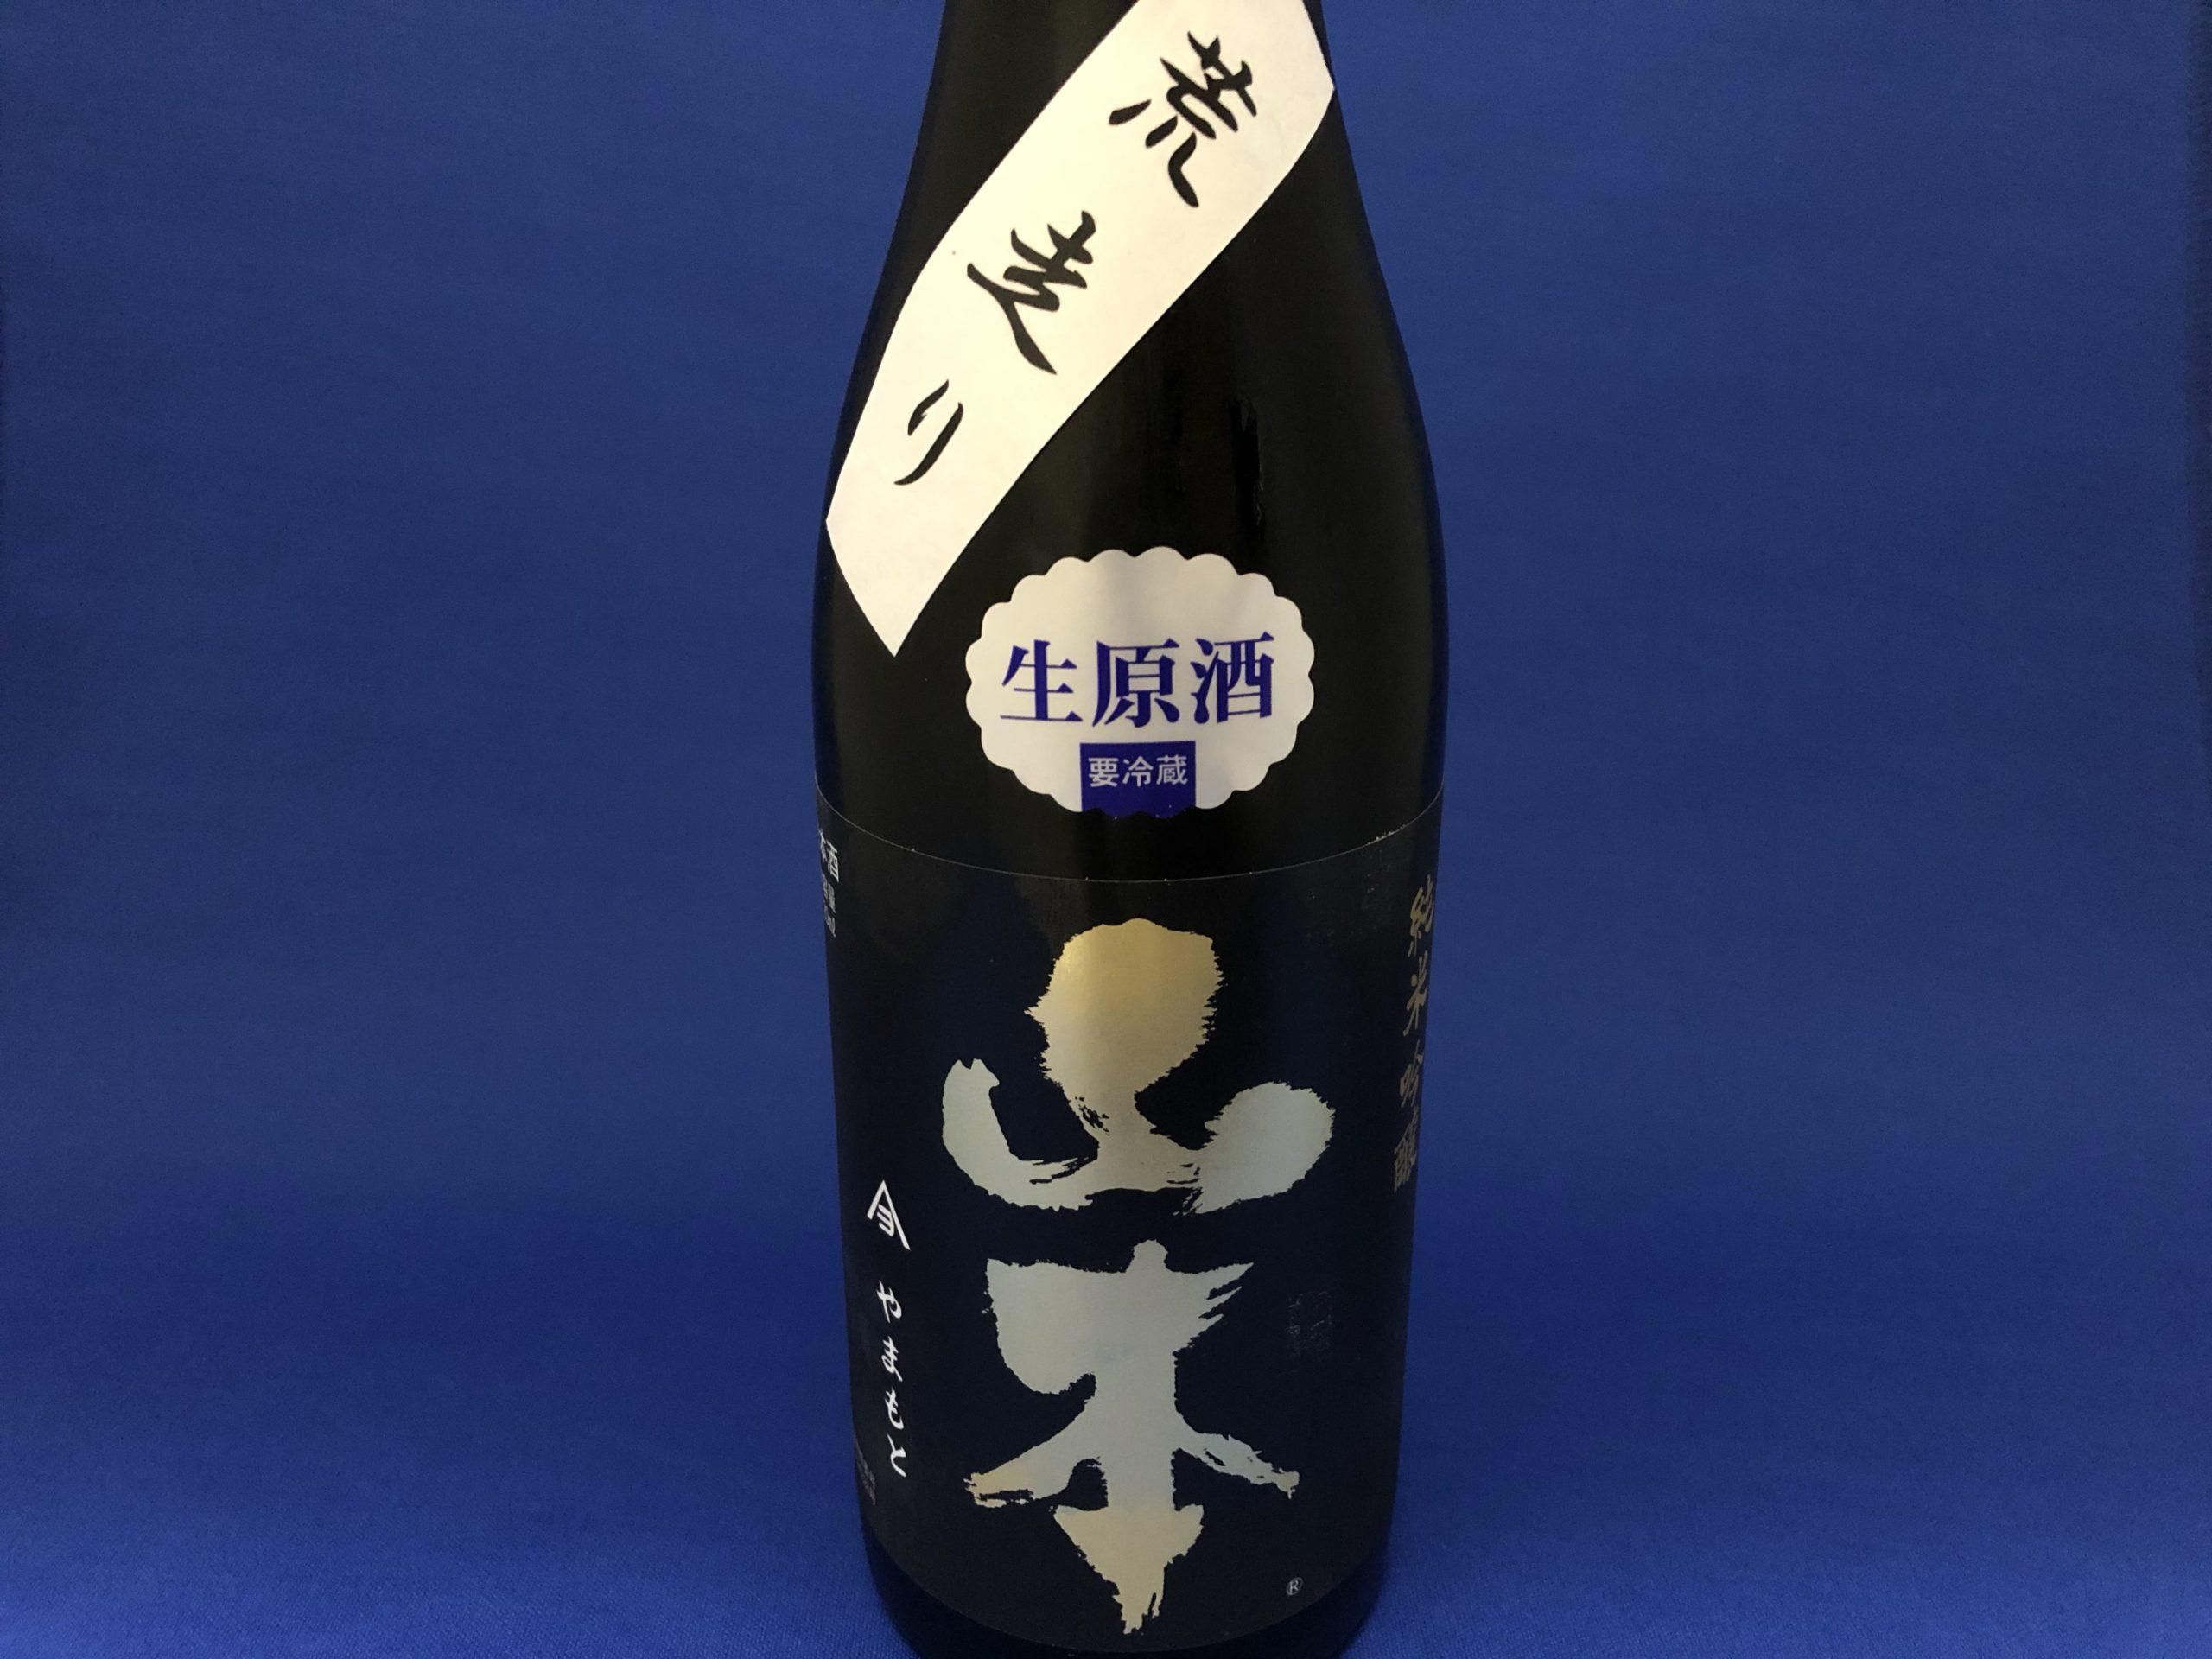 「山本」ピュアブラック荒走り!キレ味抜群の元気な新酒生酒